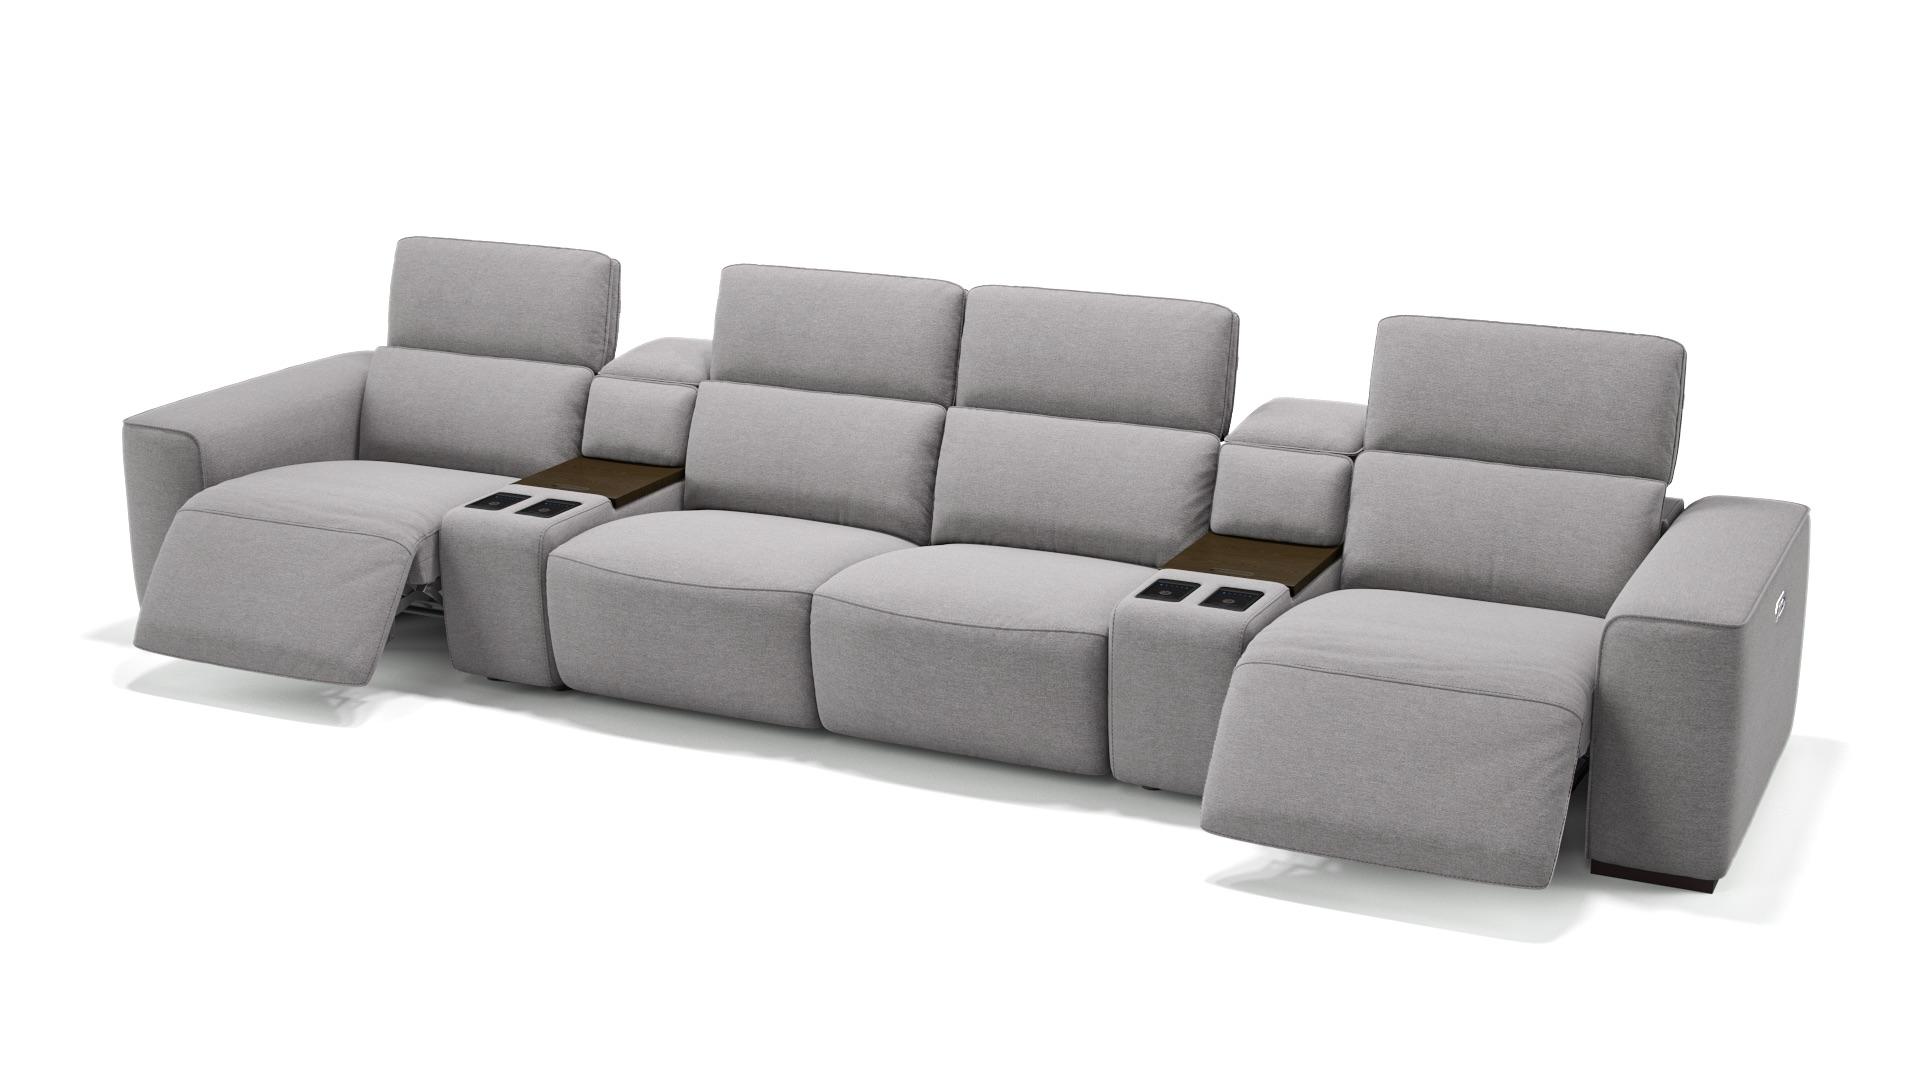 Stoff 4-Sitzer Kinosofa mit zwei Mittelkonsolen BINETTO